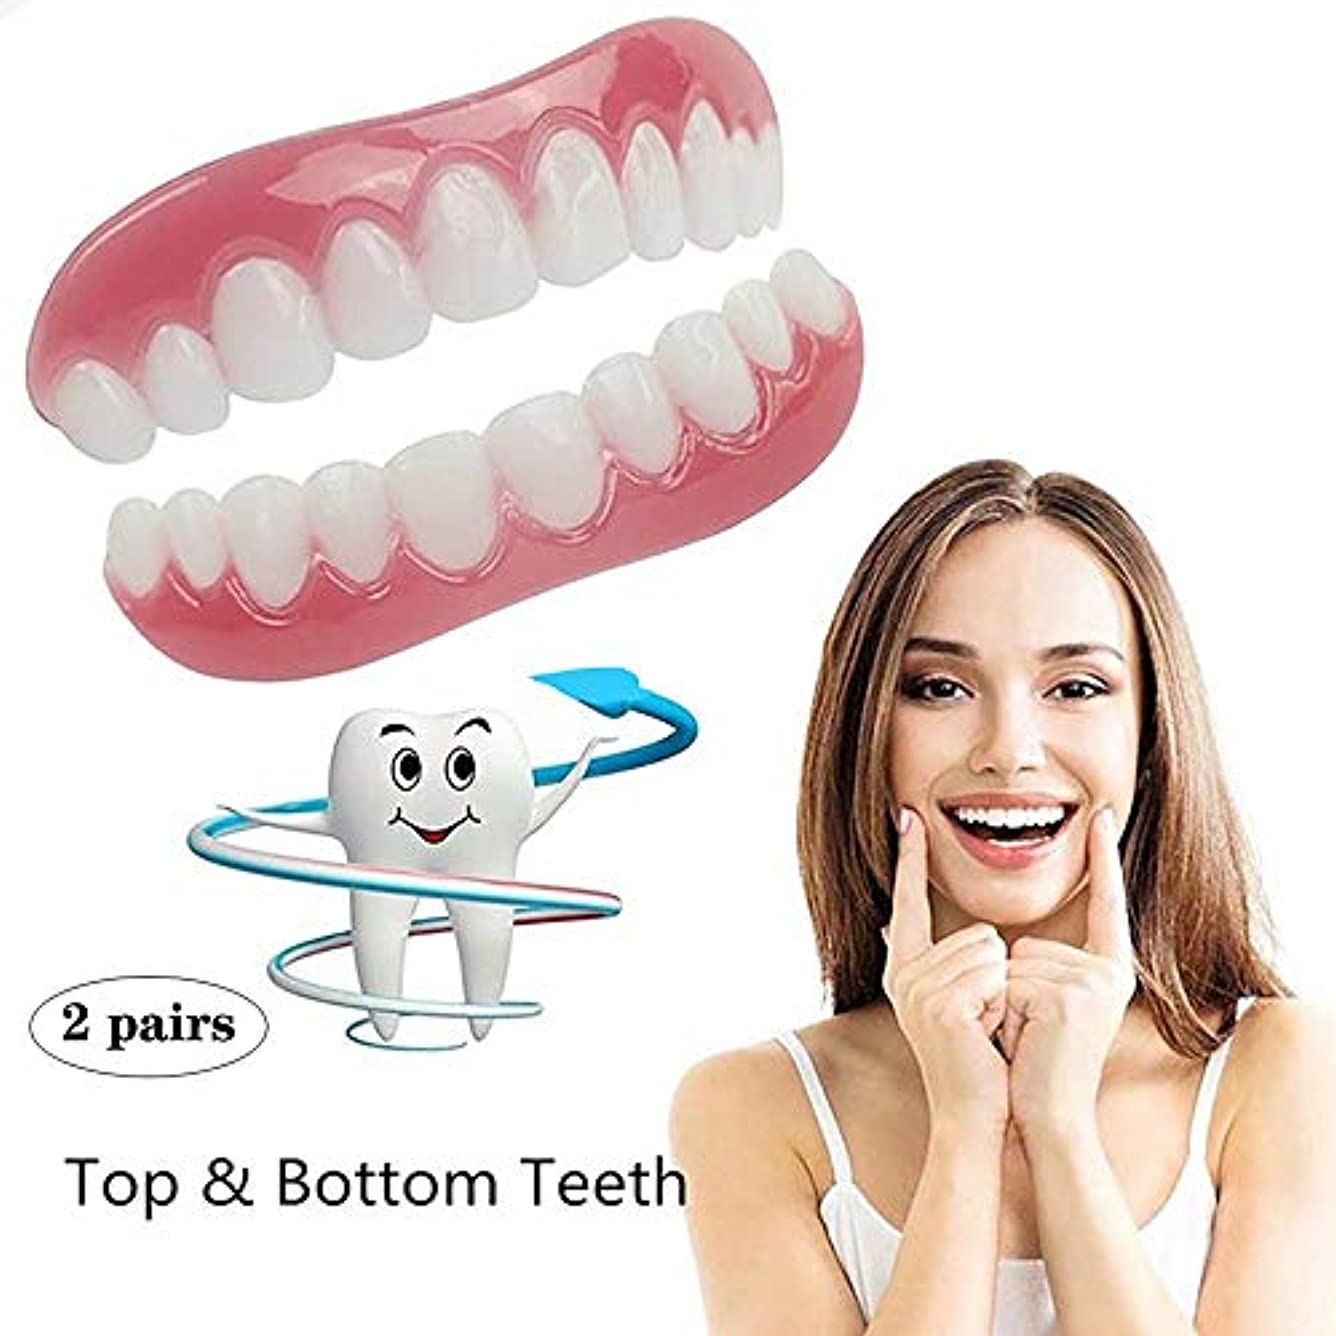 知的マサッチョ乗り出す2対の歯のベニヤ化粧品の歯のスナップオンセキュアアッパーロアフレックスデンタルベニア義歯ケアファッション